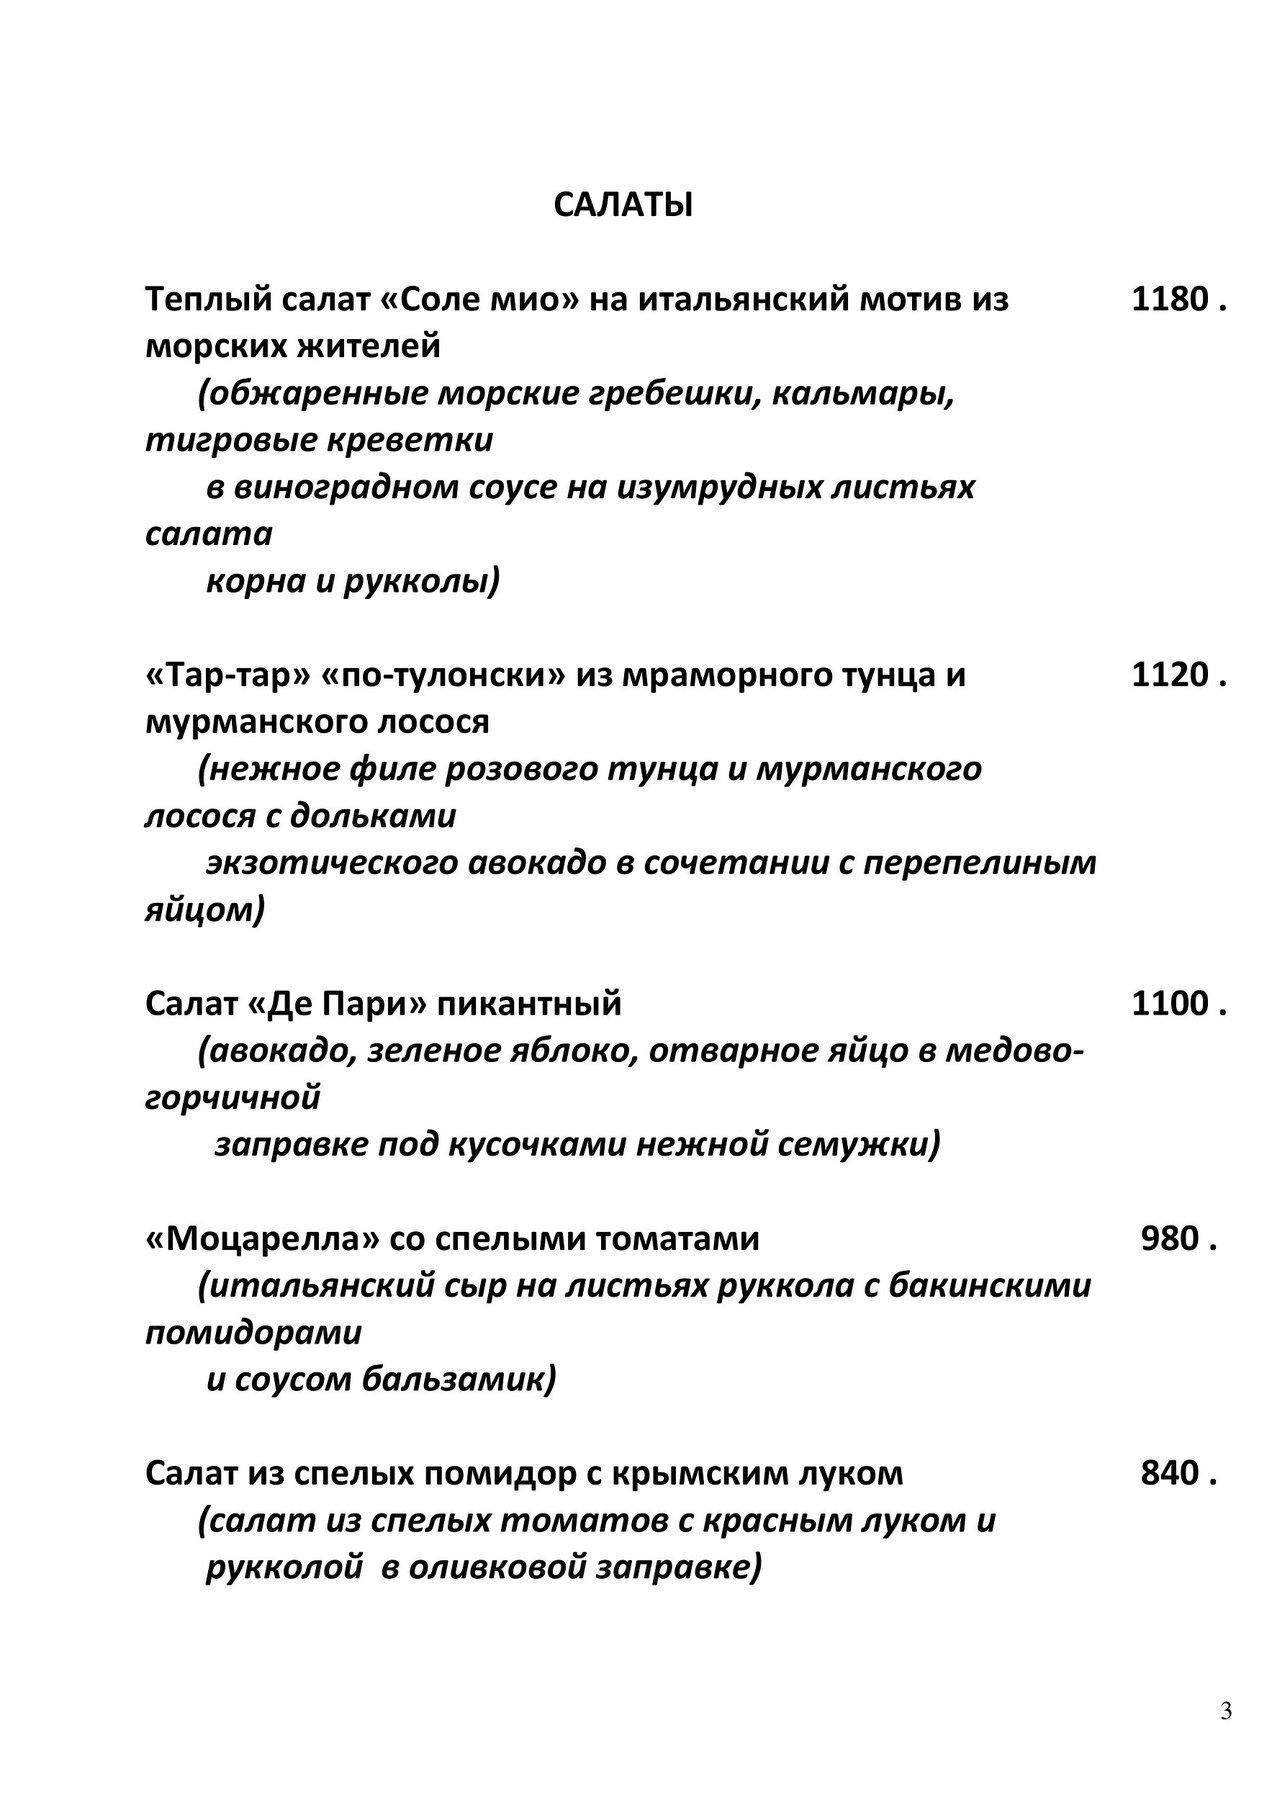 Меню ресторана Семь Пятниц на Воронцовской улице фото 3